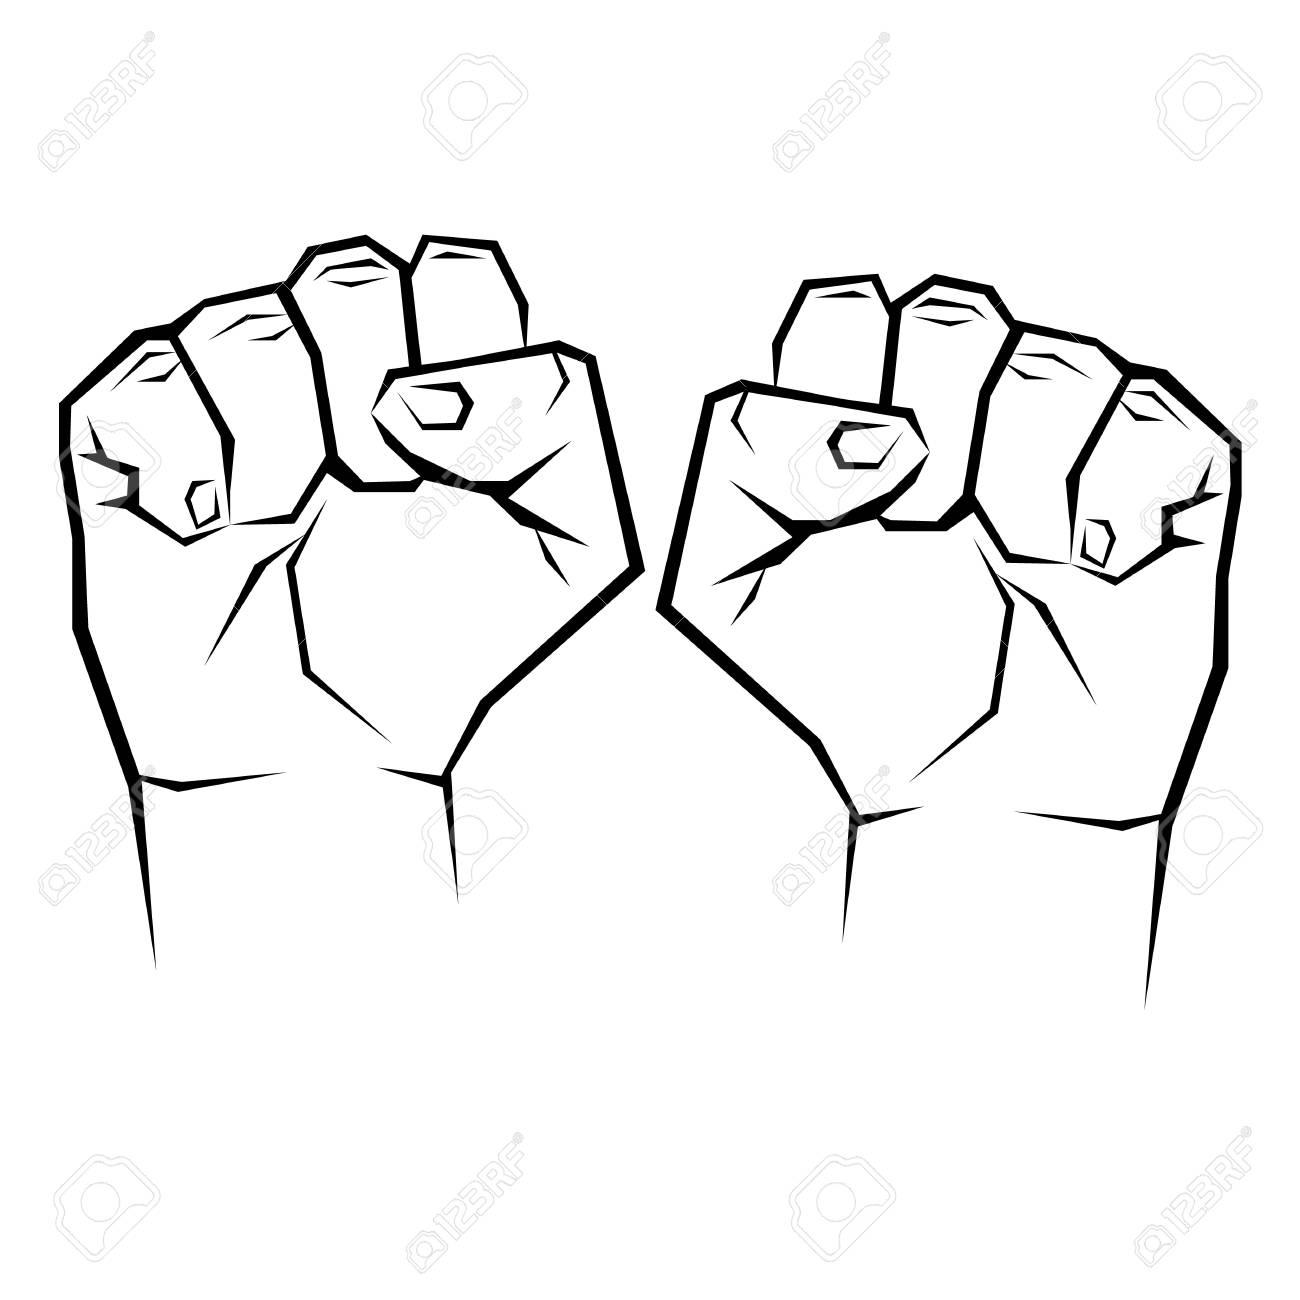 手、ベクトル、人間、イラスト、指、記号、アイコン、コンセプト